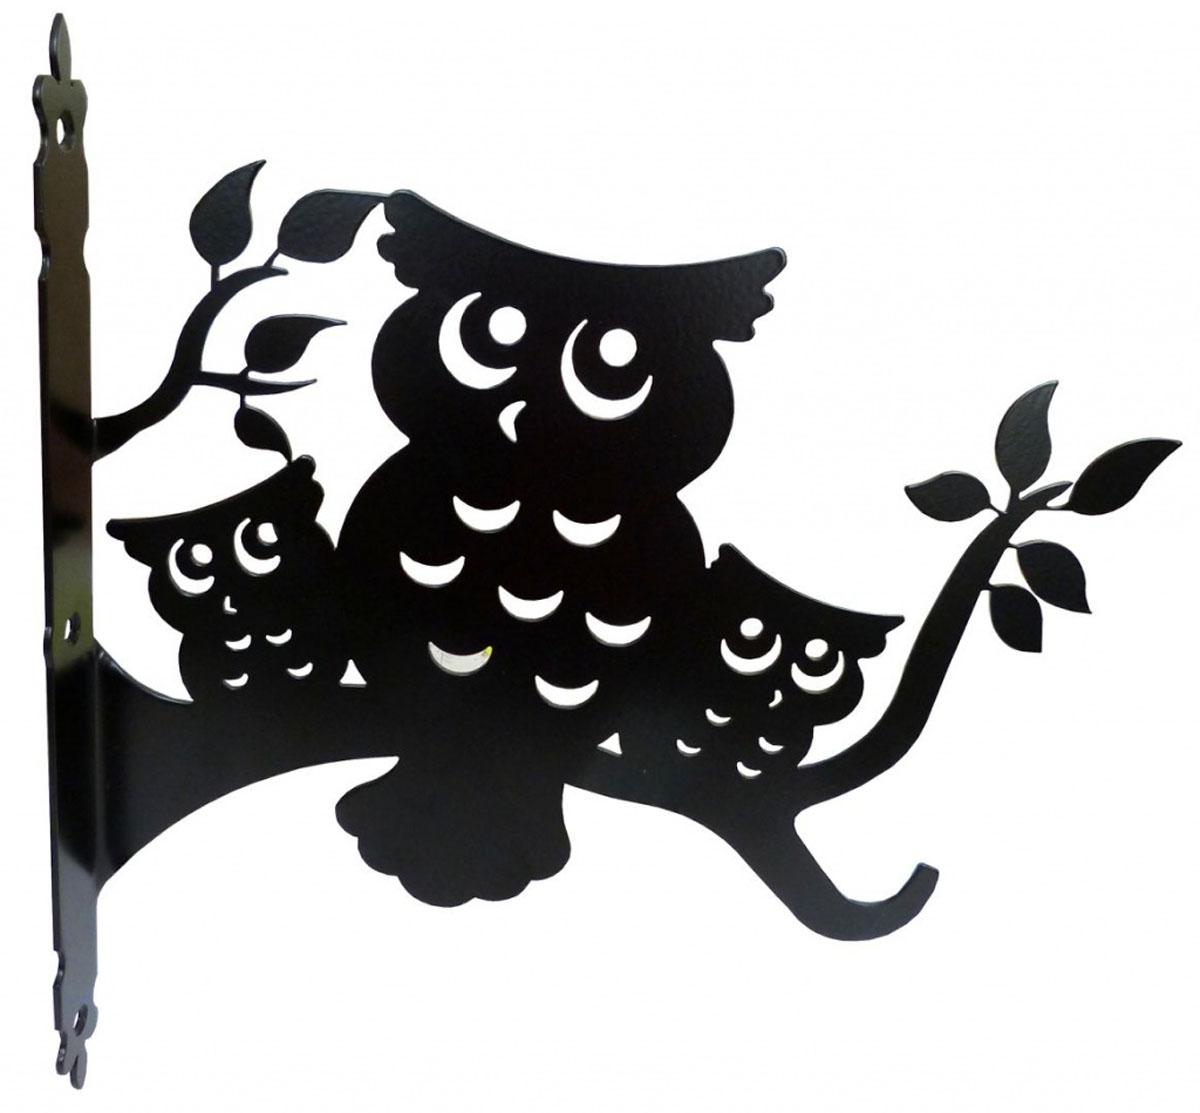 Держатель для кашпо Gala, цвет: черный. DK004-BDK004-BОригинальный держатель для кашпо Gala, изготовленный из металла в виде оригинальной фигурки, станет прекрасным украшением вашего сада. С его помощью вы сможете расположить корзину с цветами в любом удобном месте: на даче, участке, на городском балконе и в других местах.Такой держатель с годами не потеряет своей привлекательности. Он послужит настоящим украшением и необычным элементом дизайна.Размер держателя (ДхШ): 23,6 х 30 см.